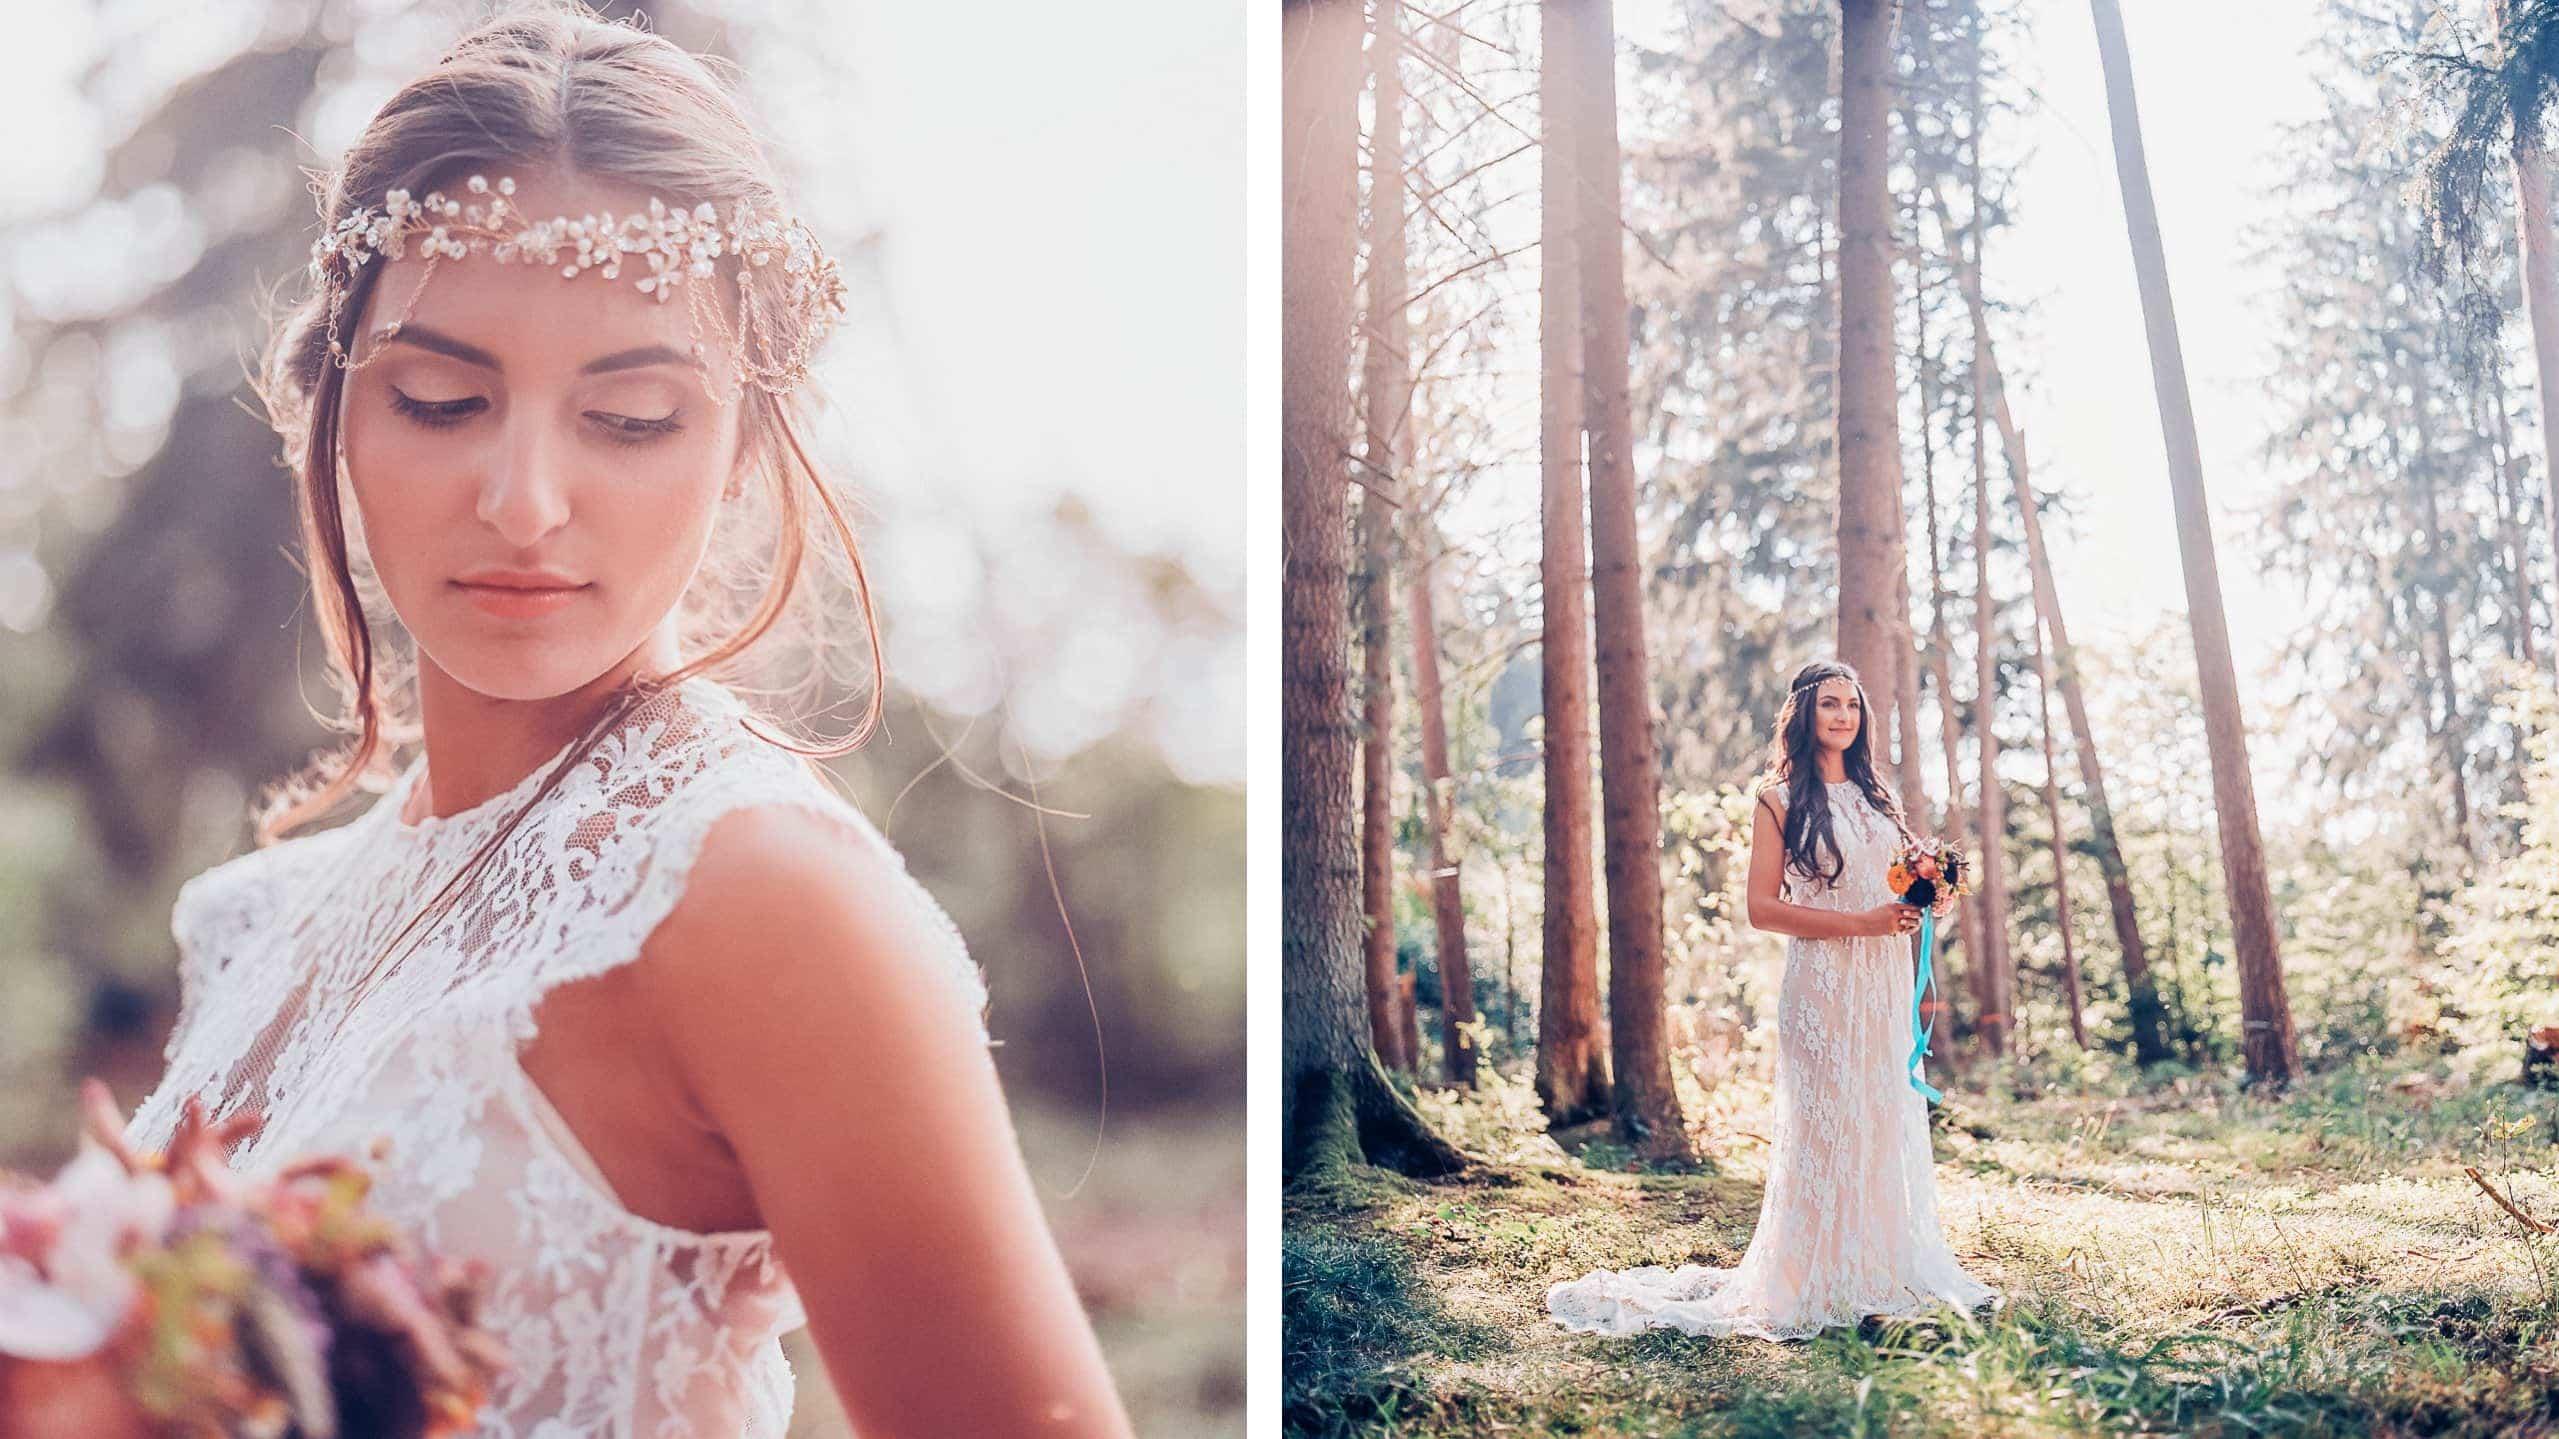 Vintage Hochzeit im Wald